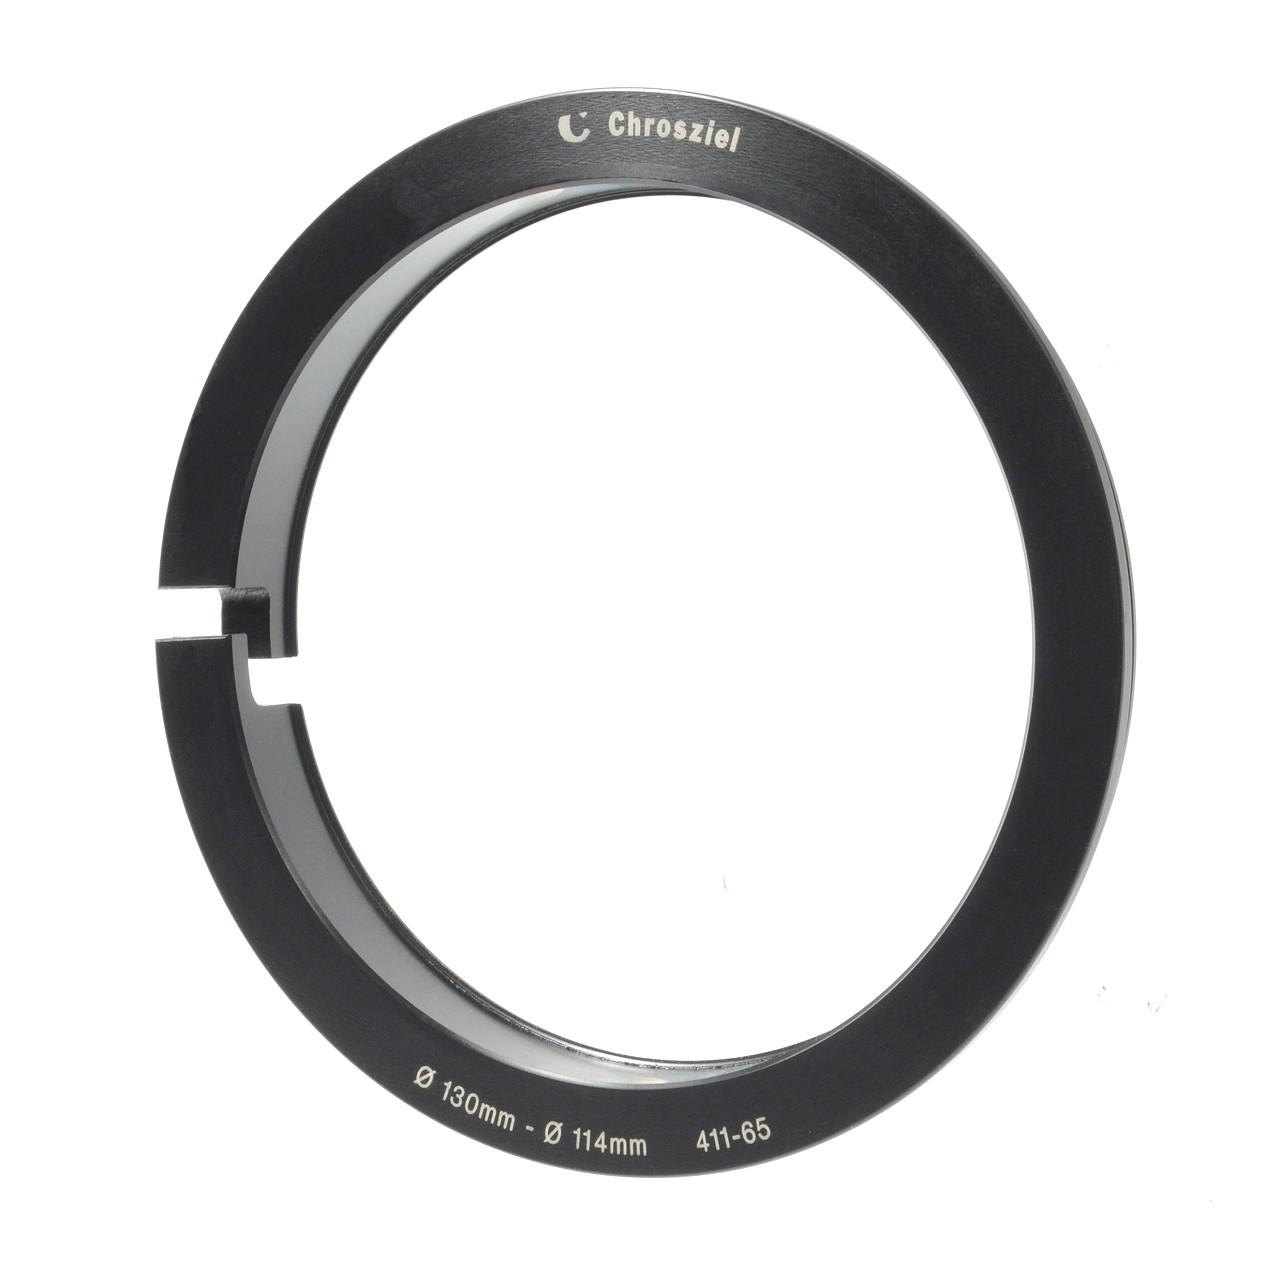 Step-down Ring Ø 130:114mm